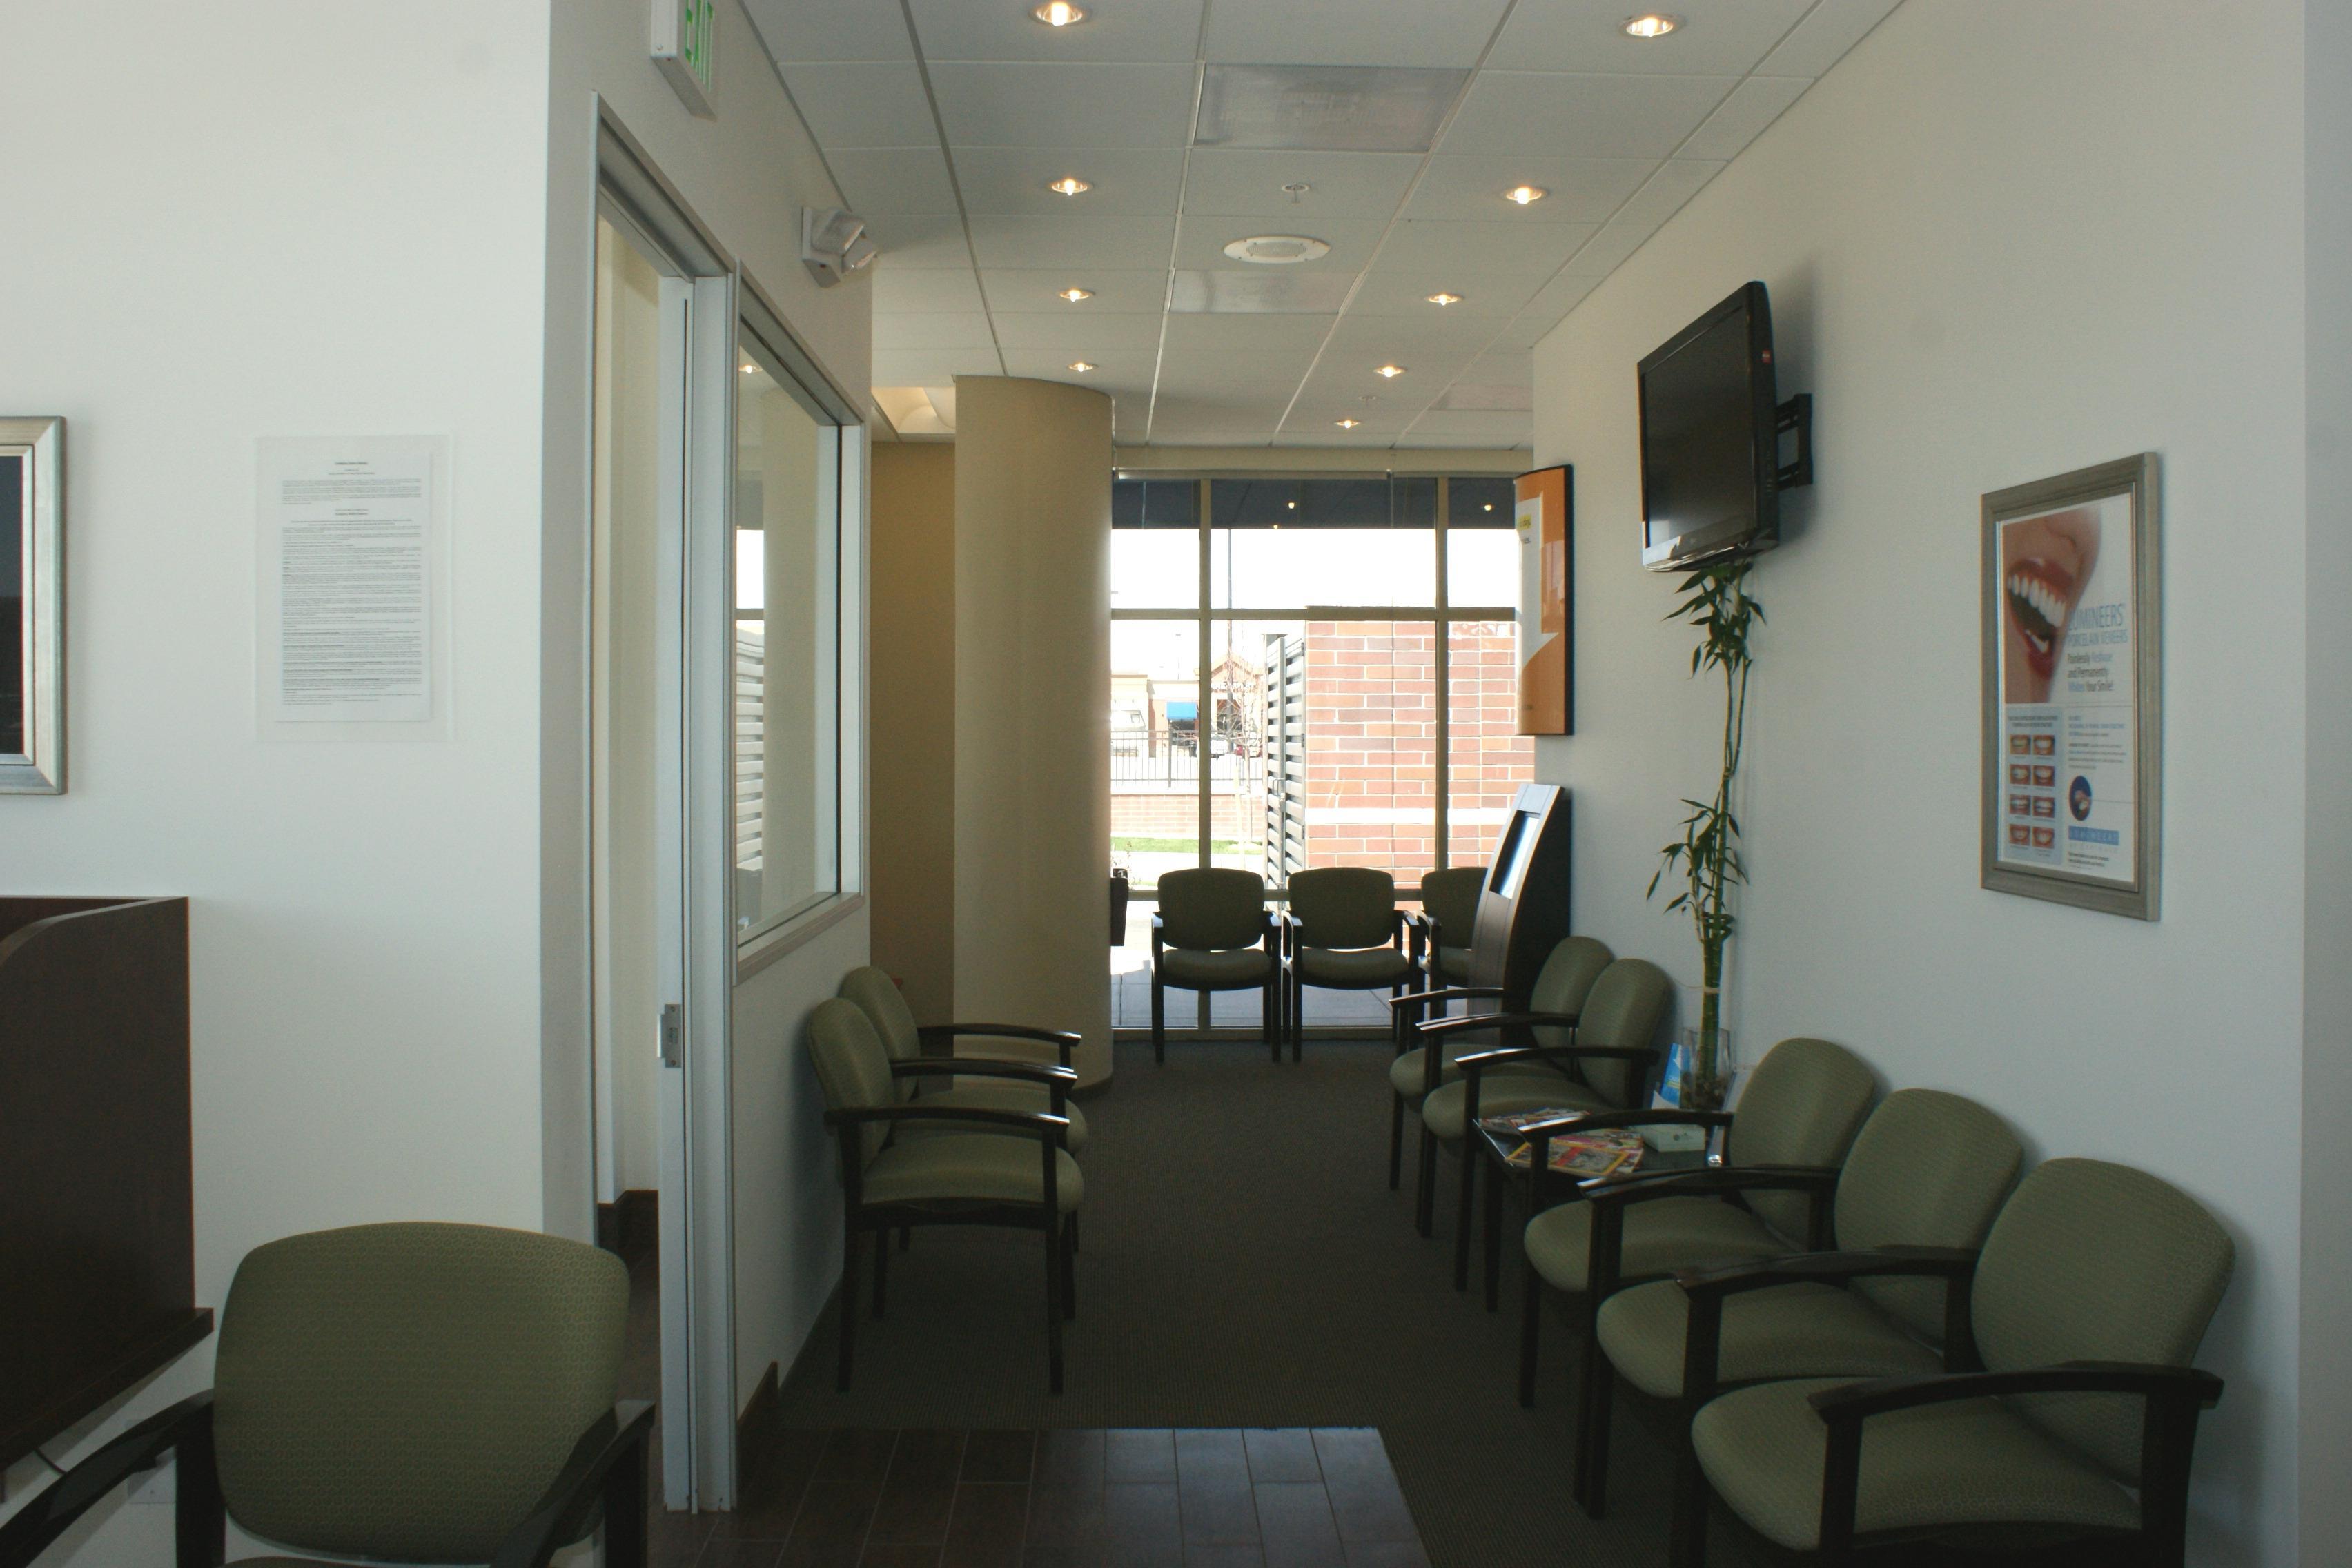 Southglenn Modern Dentistry image 4